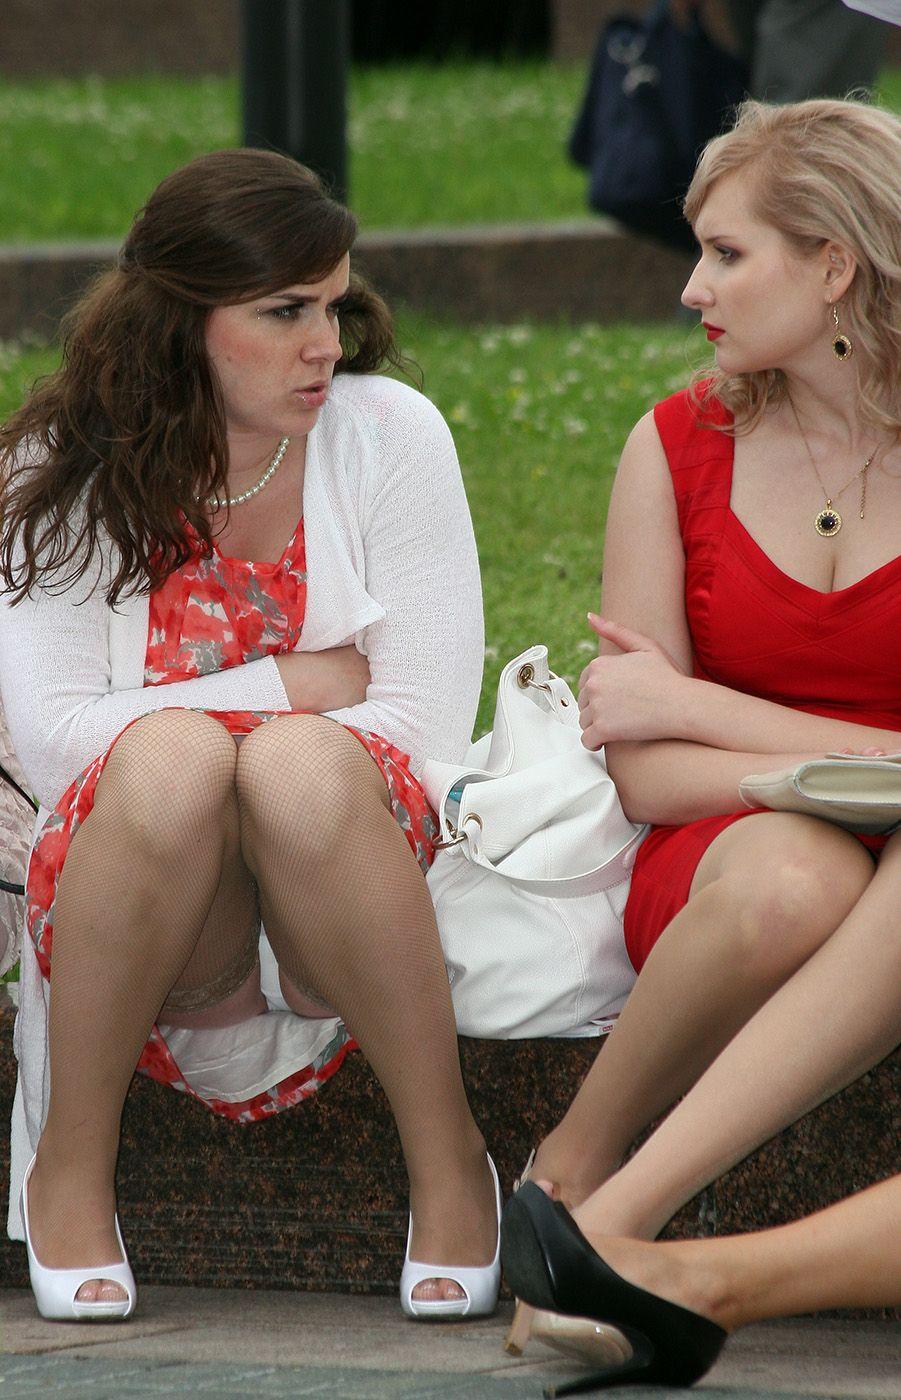 Девушка в красном платье и чулках засветила белые трусики